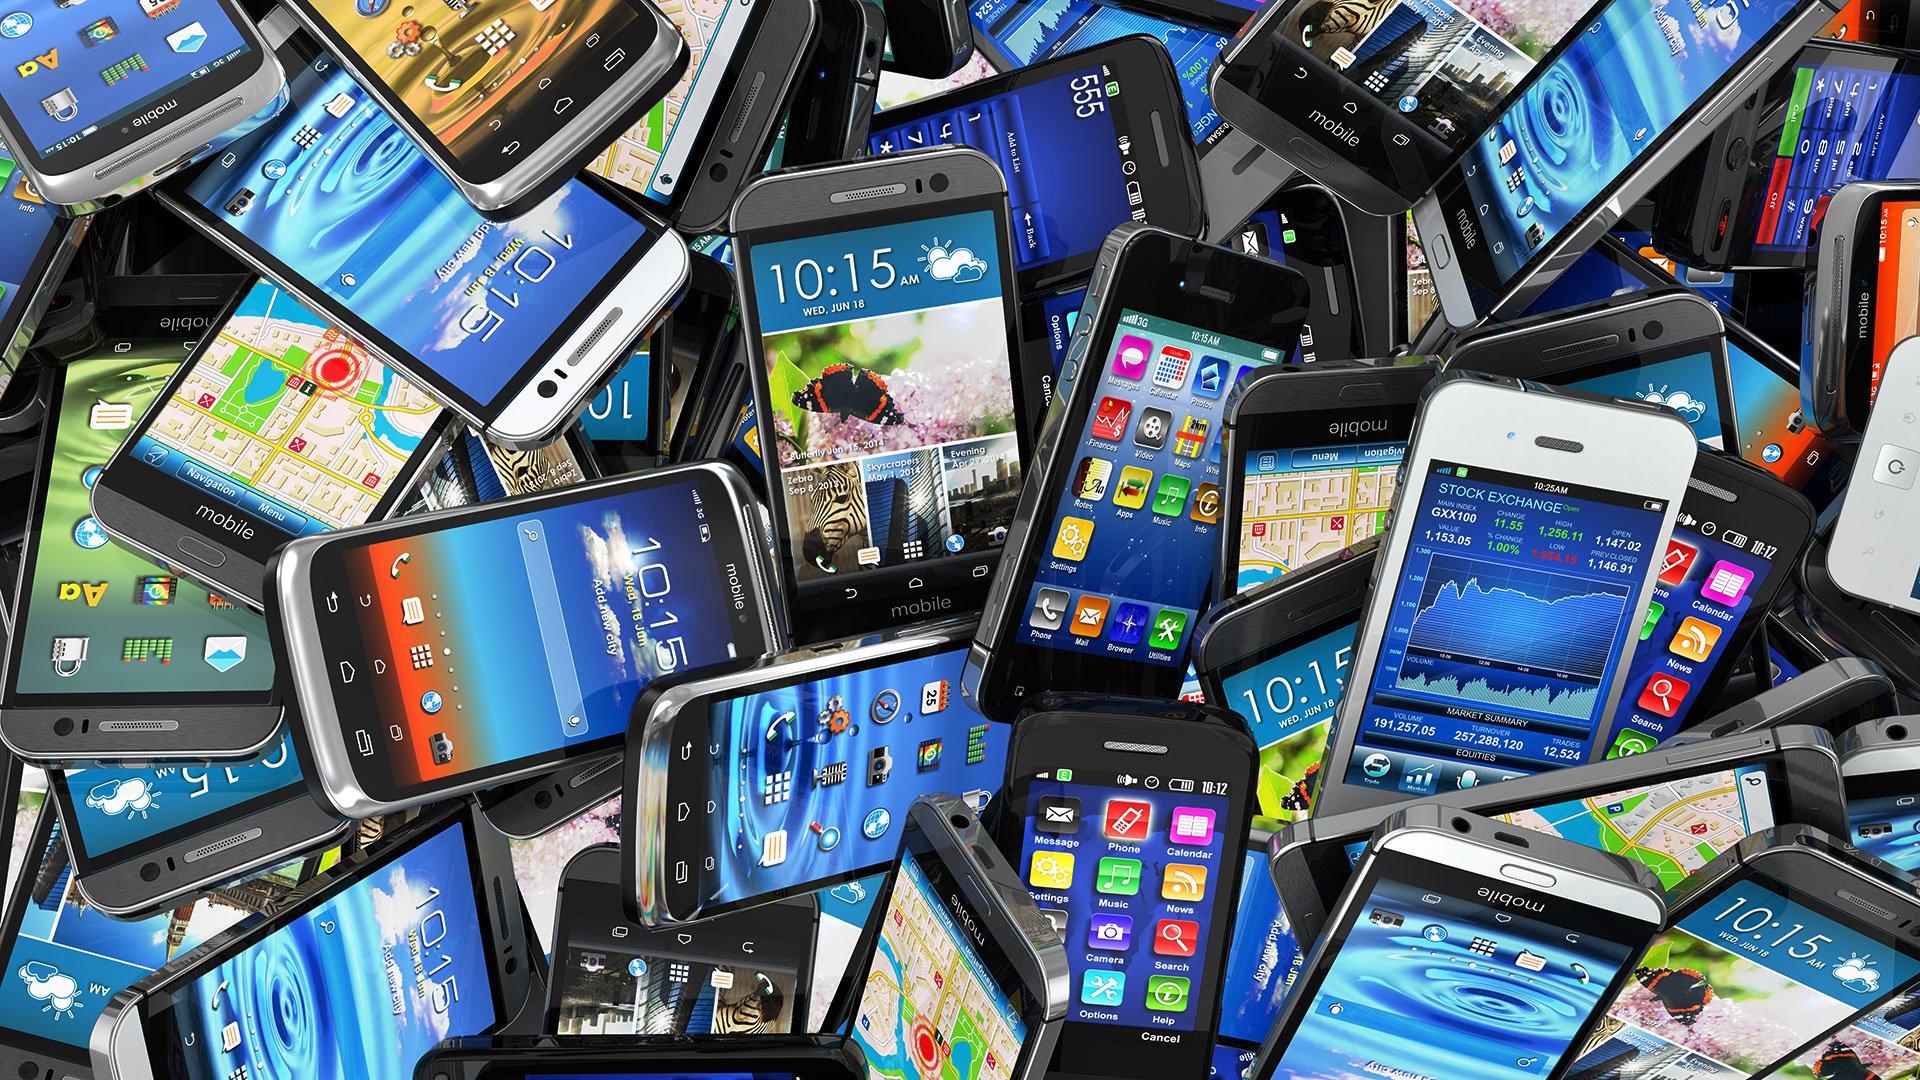 Smartphone: nel 2017 rappresenteranno 75% del traffico Internet totale